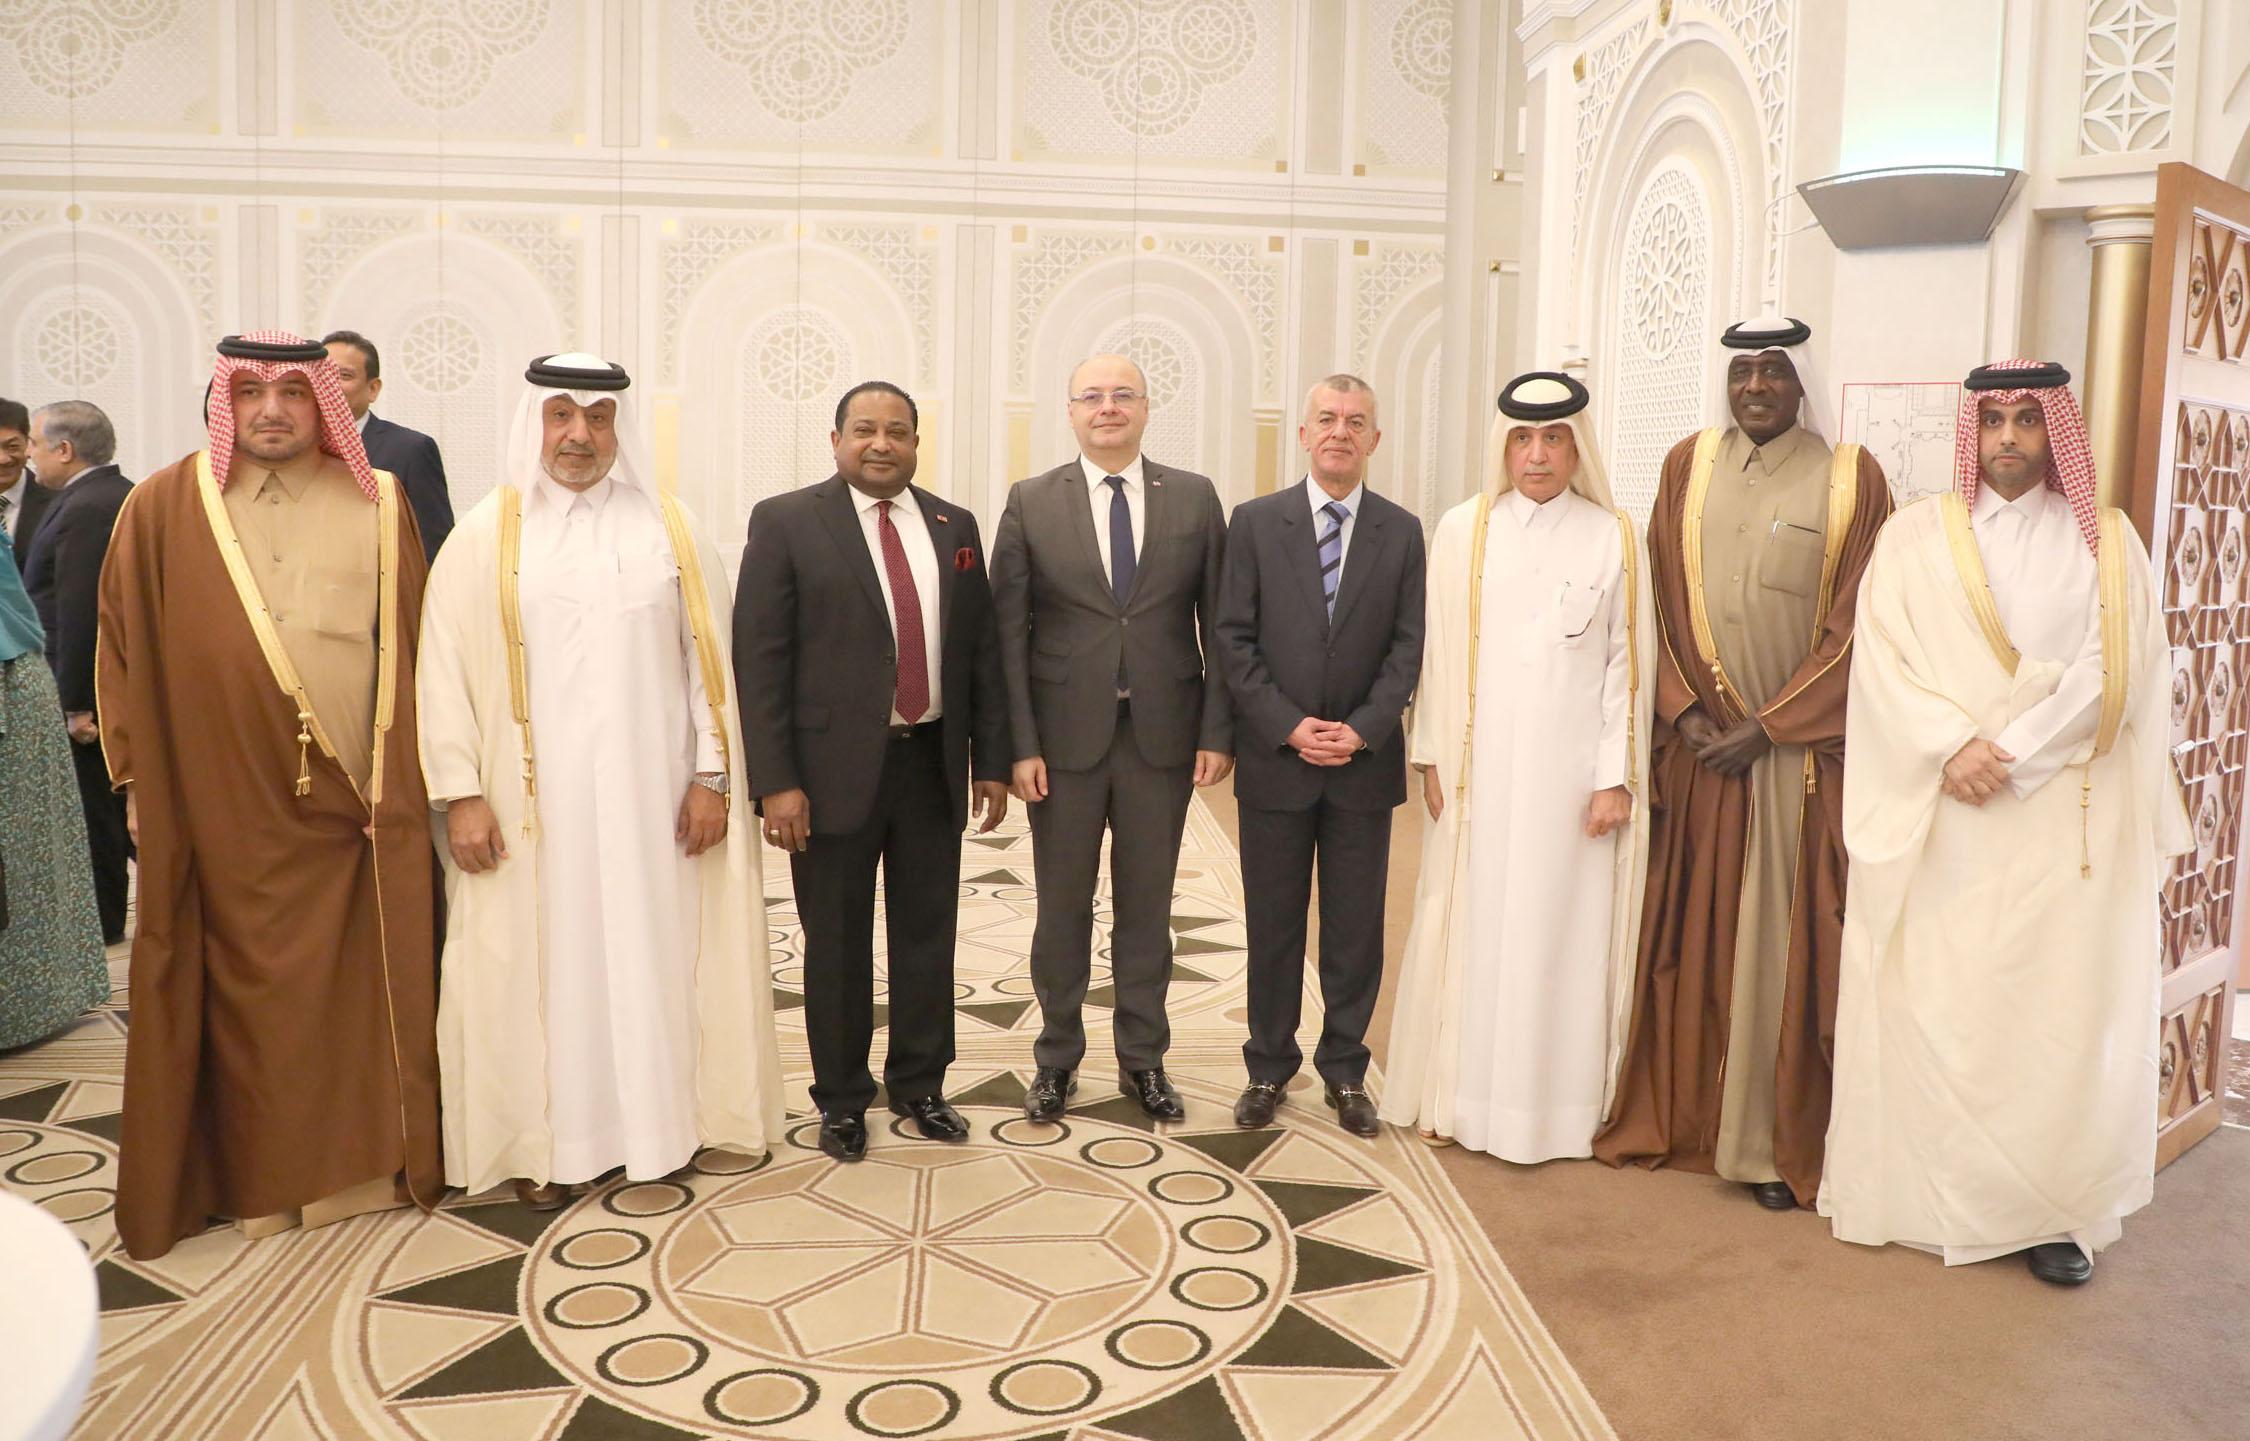 وزير الدولة للشؤون الخارجية يقيم حفل وداع لسفراء لبنان وبلغاريا وسريلانكا